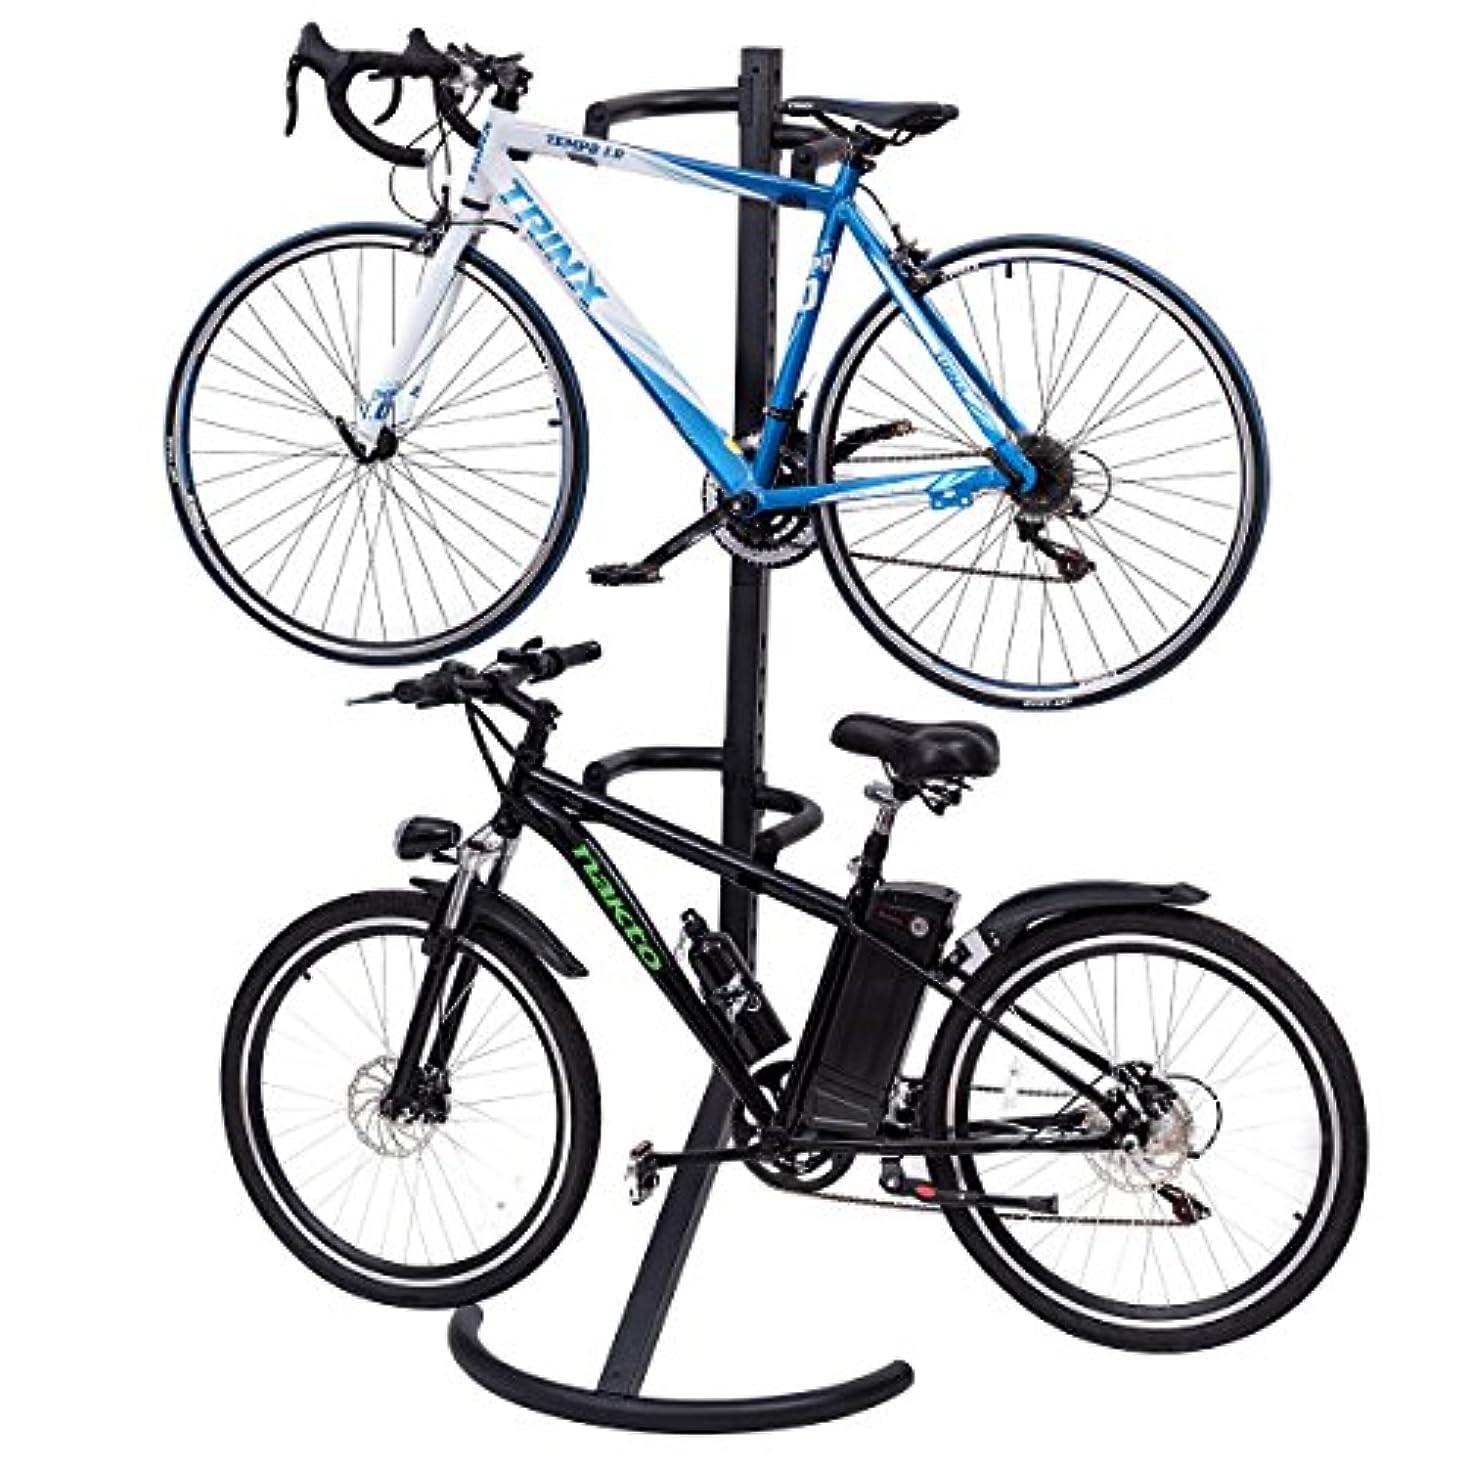 永久ラジウム札入れGJH 自立式重力自転車収納ラックスタンド 自転車2台収納 ディスプレイガレージハンガー